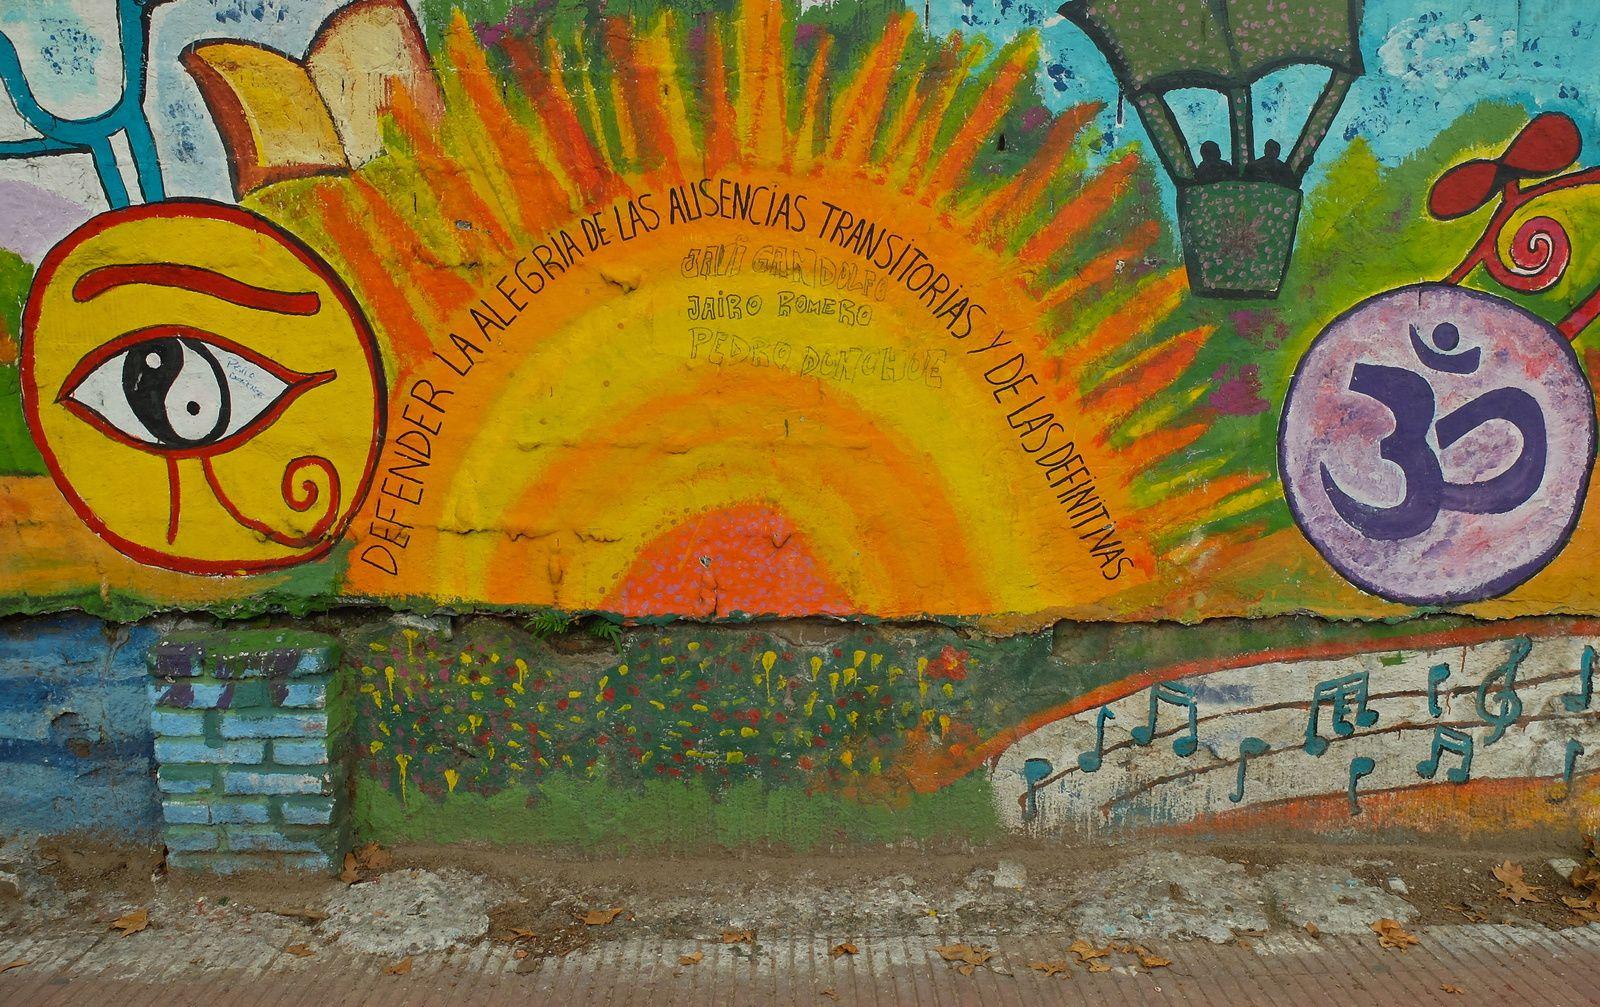 Puerto Madero, Retiro, Congreso, Obelisco, Tribunales, Belgrano, Parque Norte, Abasto, Palermo, San Telmo, La Boca, El Rio de la Plata, 9 de julio, Plaza de Mayo, Recoleta…gracias Buenos Aires!!!Eres Divina!